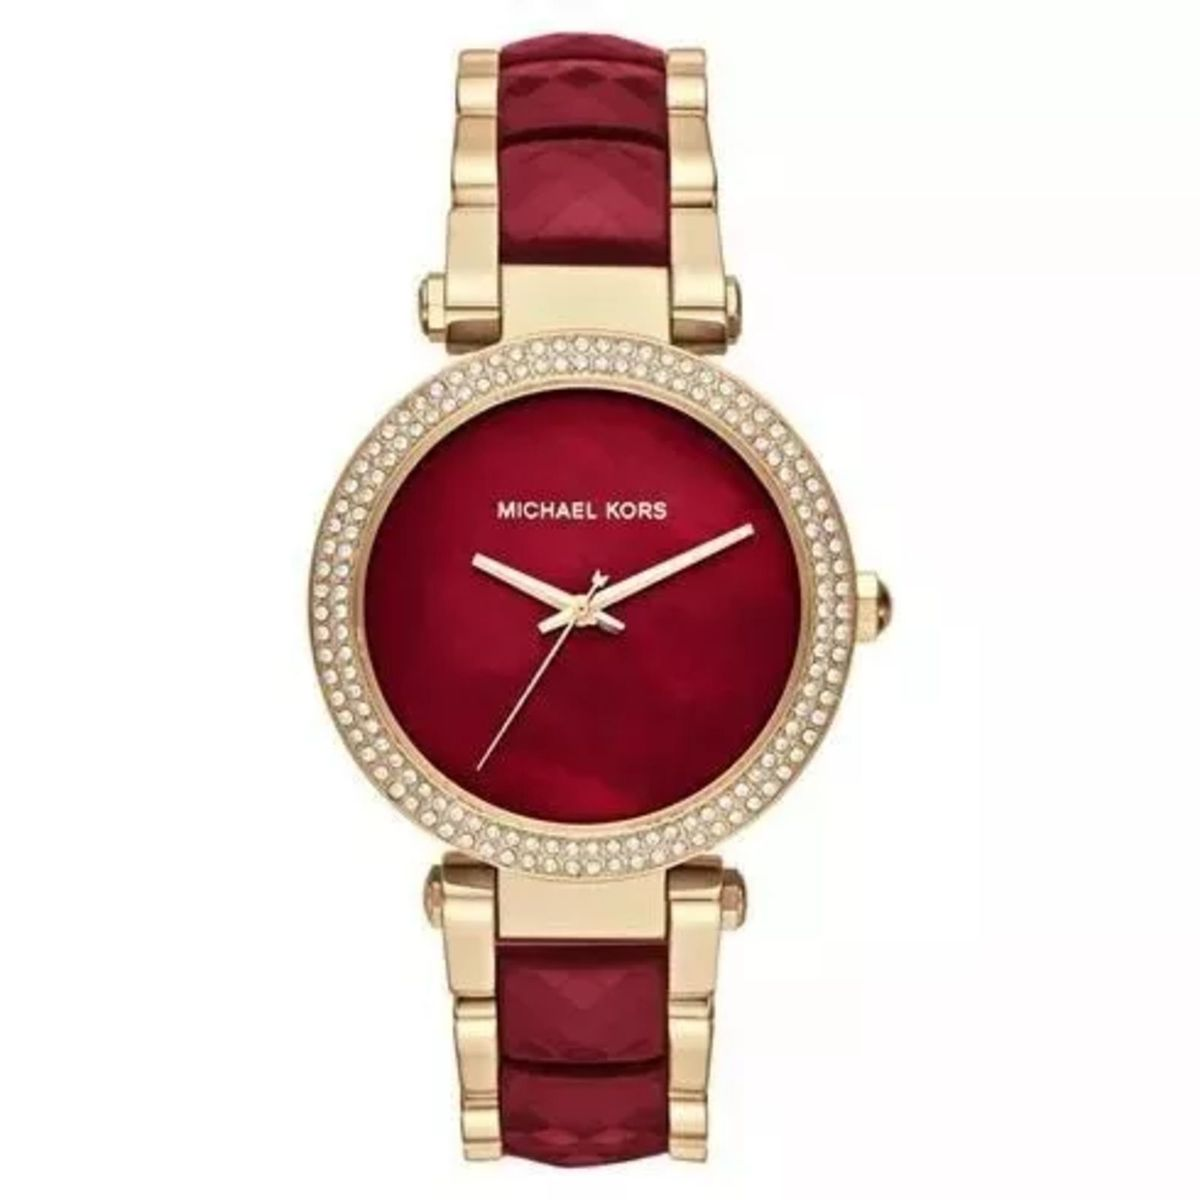 relógio michael kors feminino - mk6427 dourado vinho caixa e manual lur29 - relógios  michael kors 611b01f02a